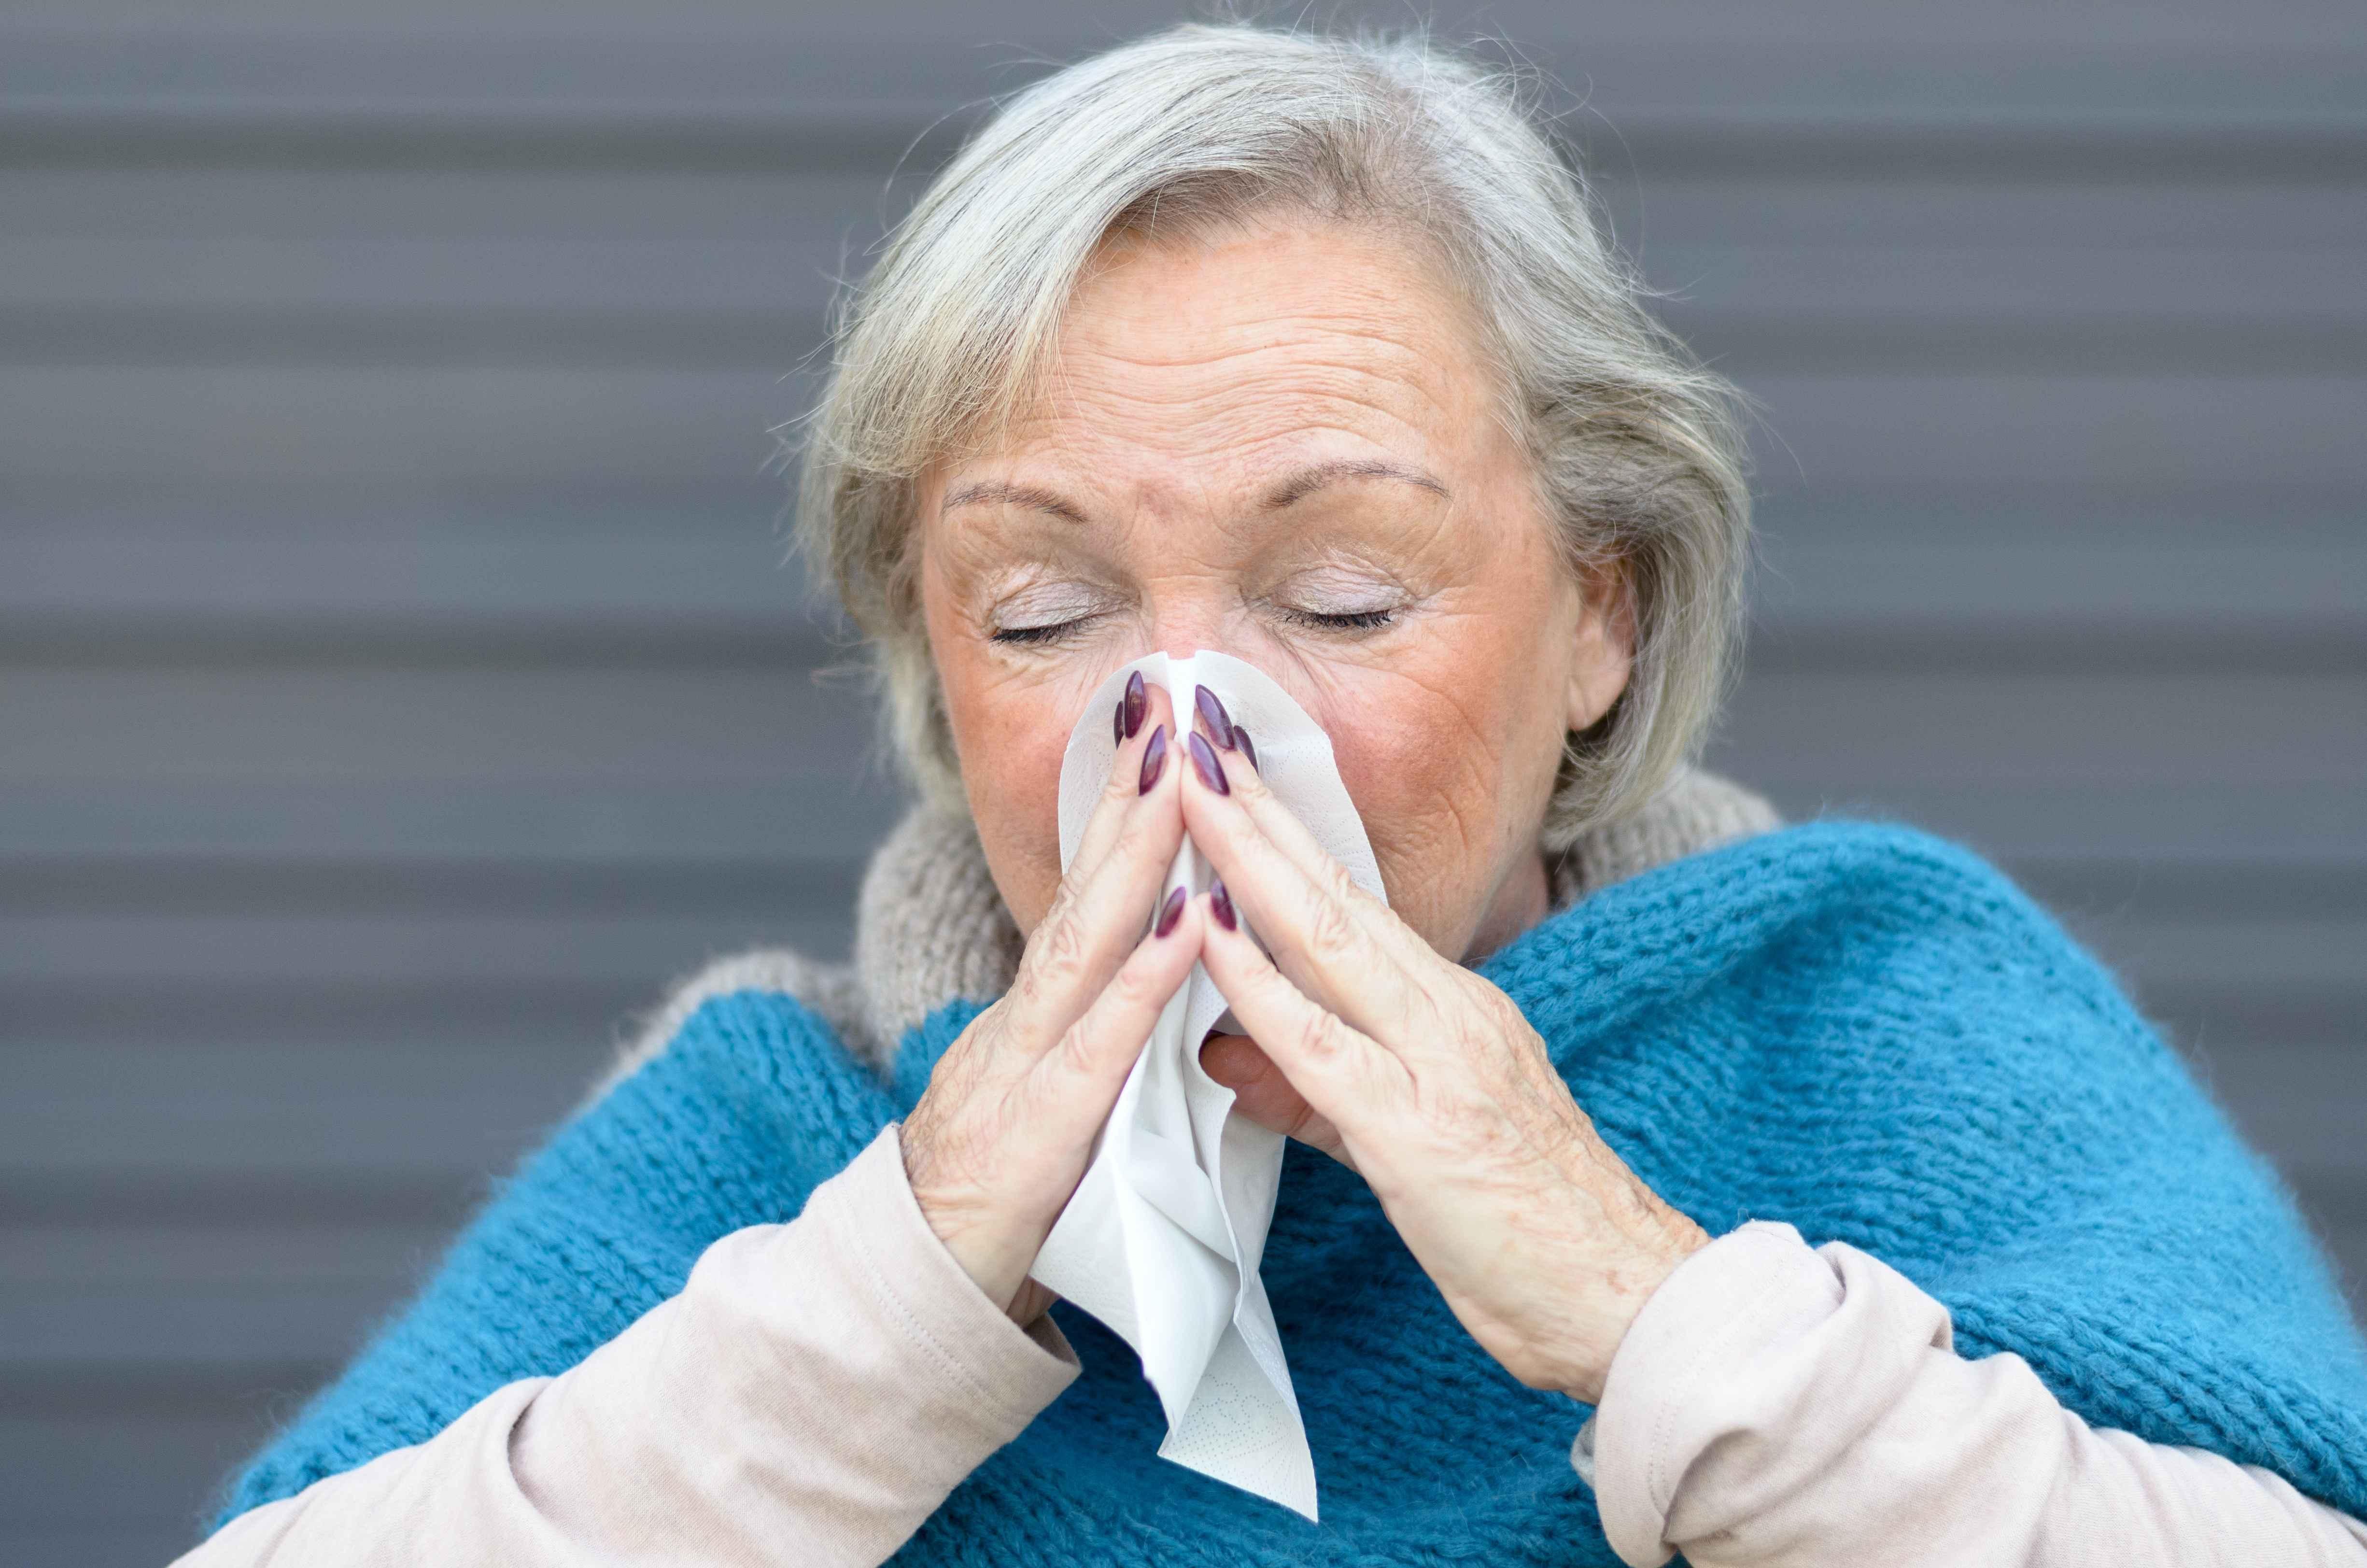 梅尼埃病的症状梅尼埃病的治疗